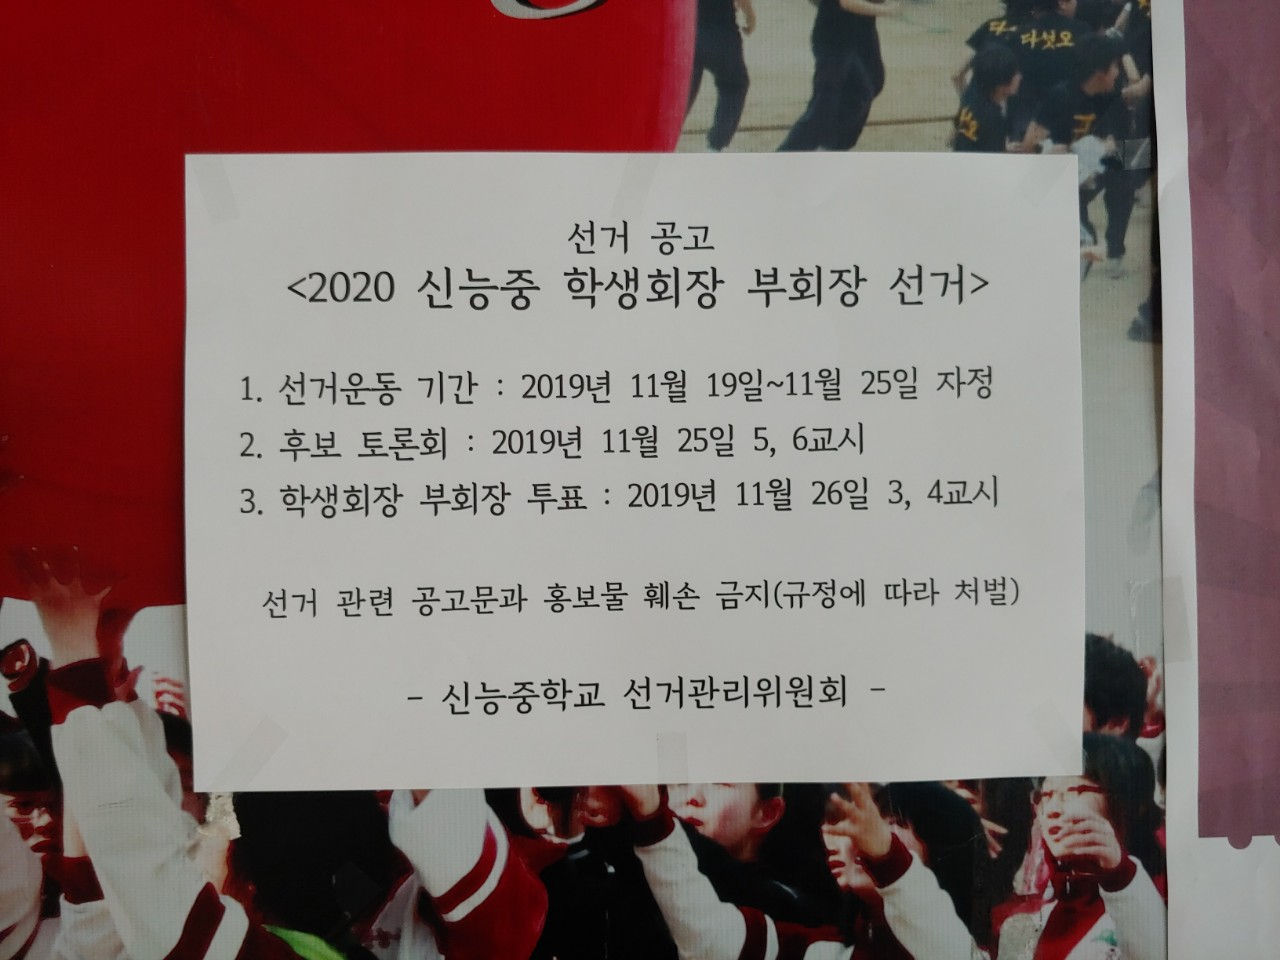 [일반] 2020학년도 신능중 학생회장·부회장 선거운동 및 후보 토론회의 첨부이미지 1